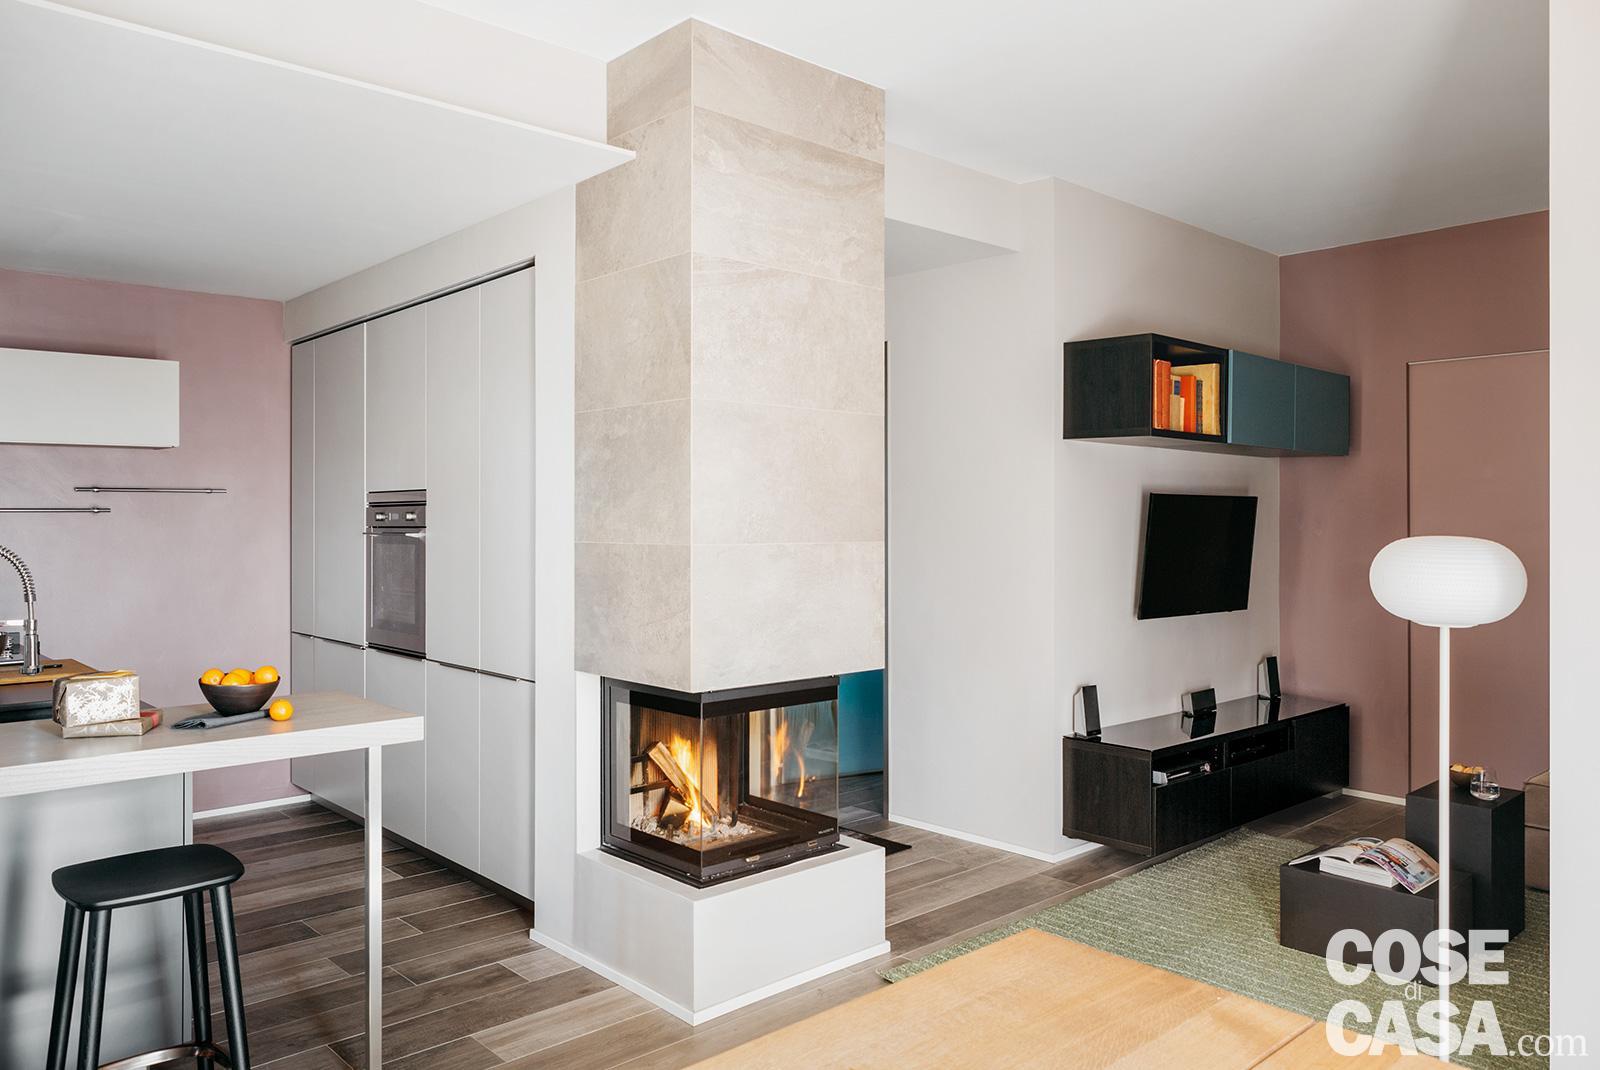 Costo Ristrutturazione Casa 50 Mq ristrutturare 63 mq: i costi e le fasi di lavoro - cose di casa